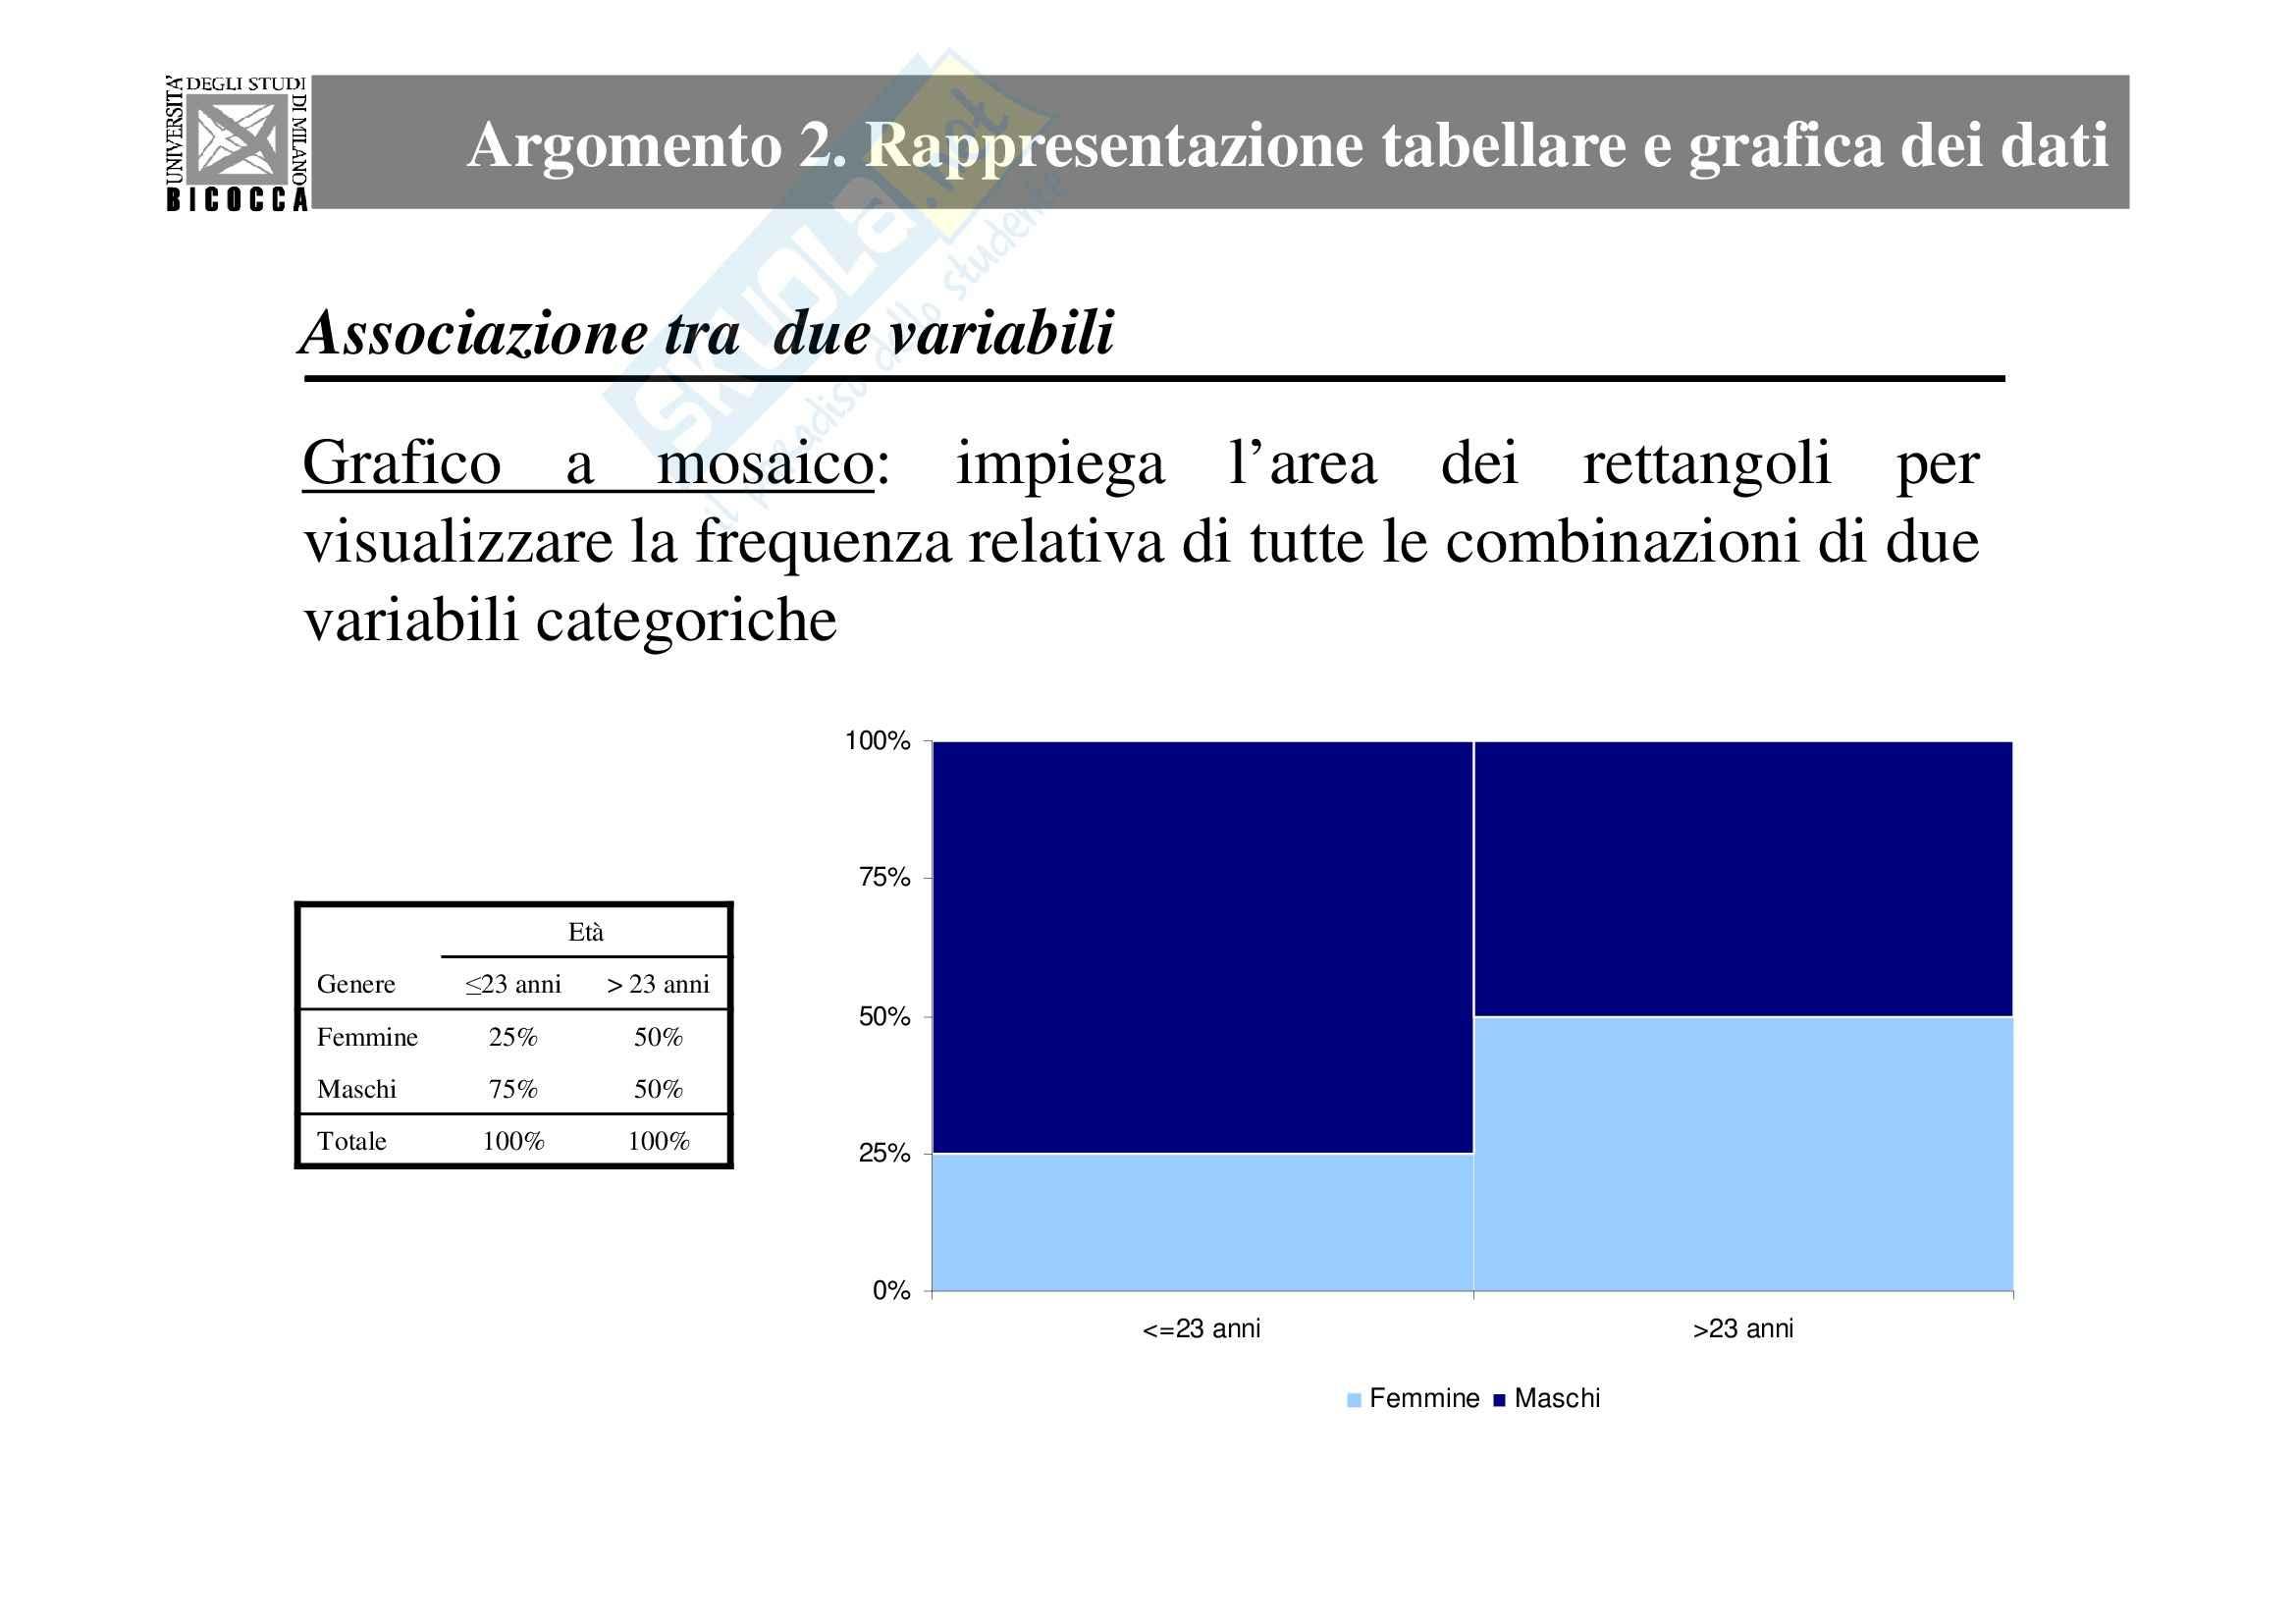 Statistica - la rappresentazione tabellare e grafica dei dati Pag. 36